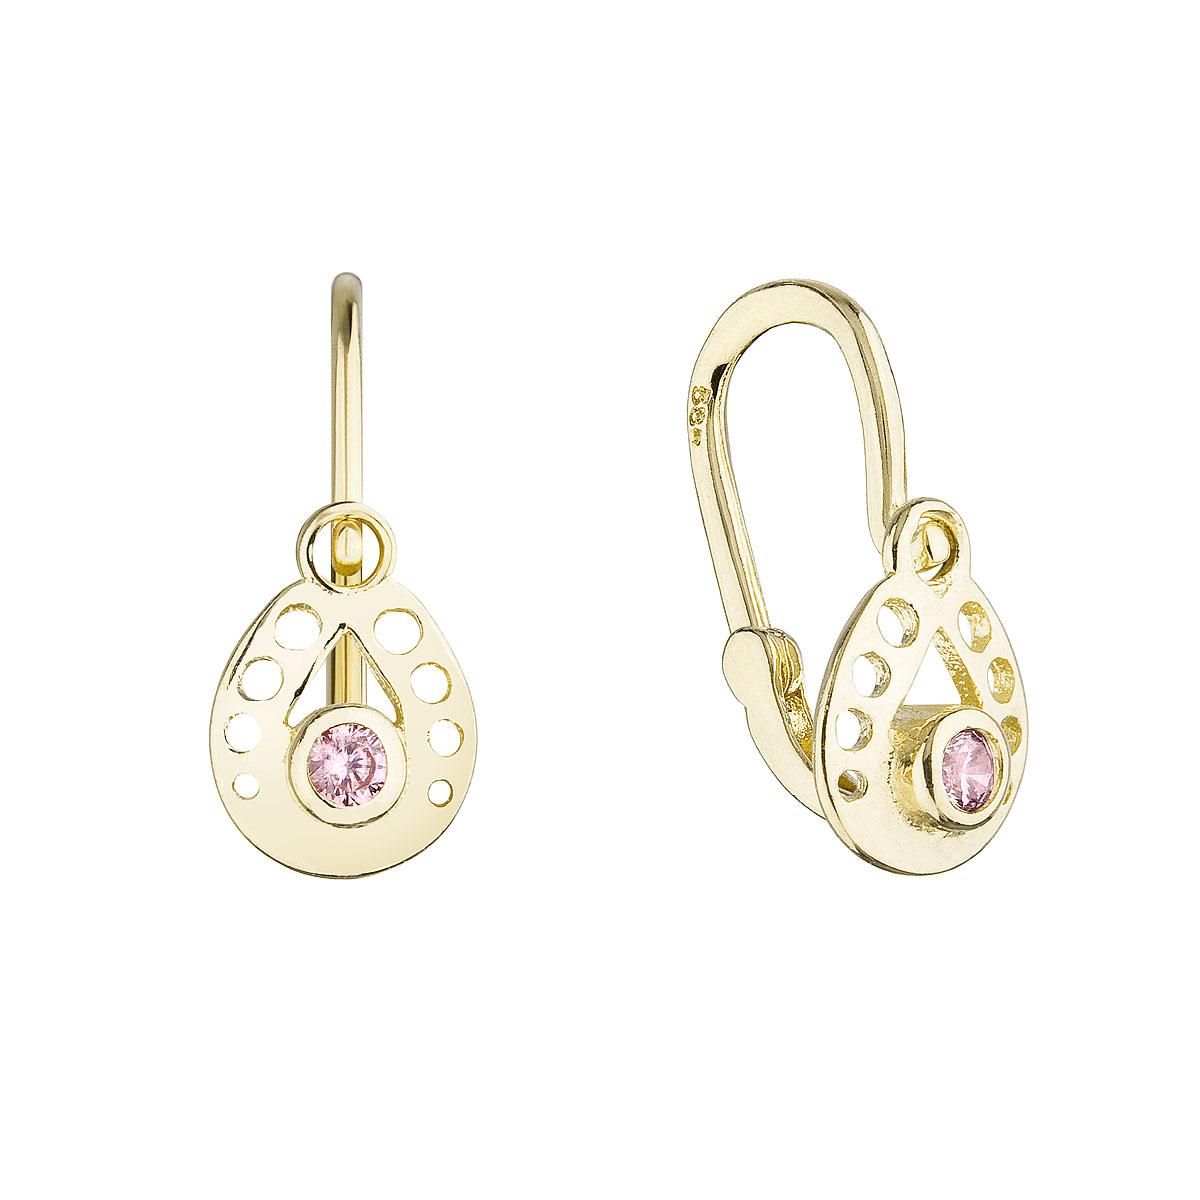 Zlaté detské náušnice visiace slzičky s ružovým okrúhlym zirkónom 991016.3